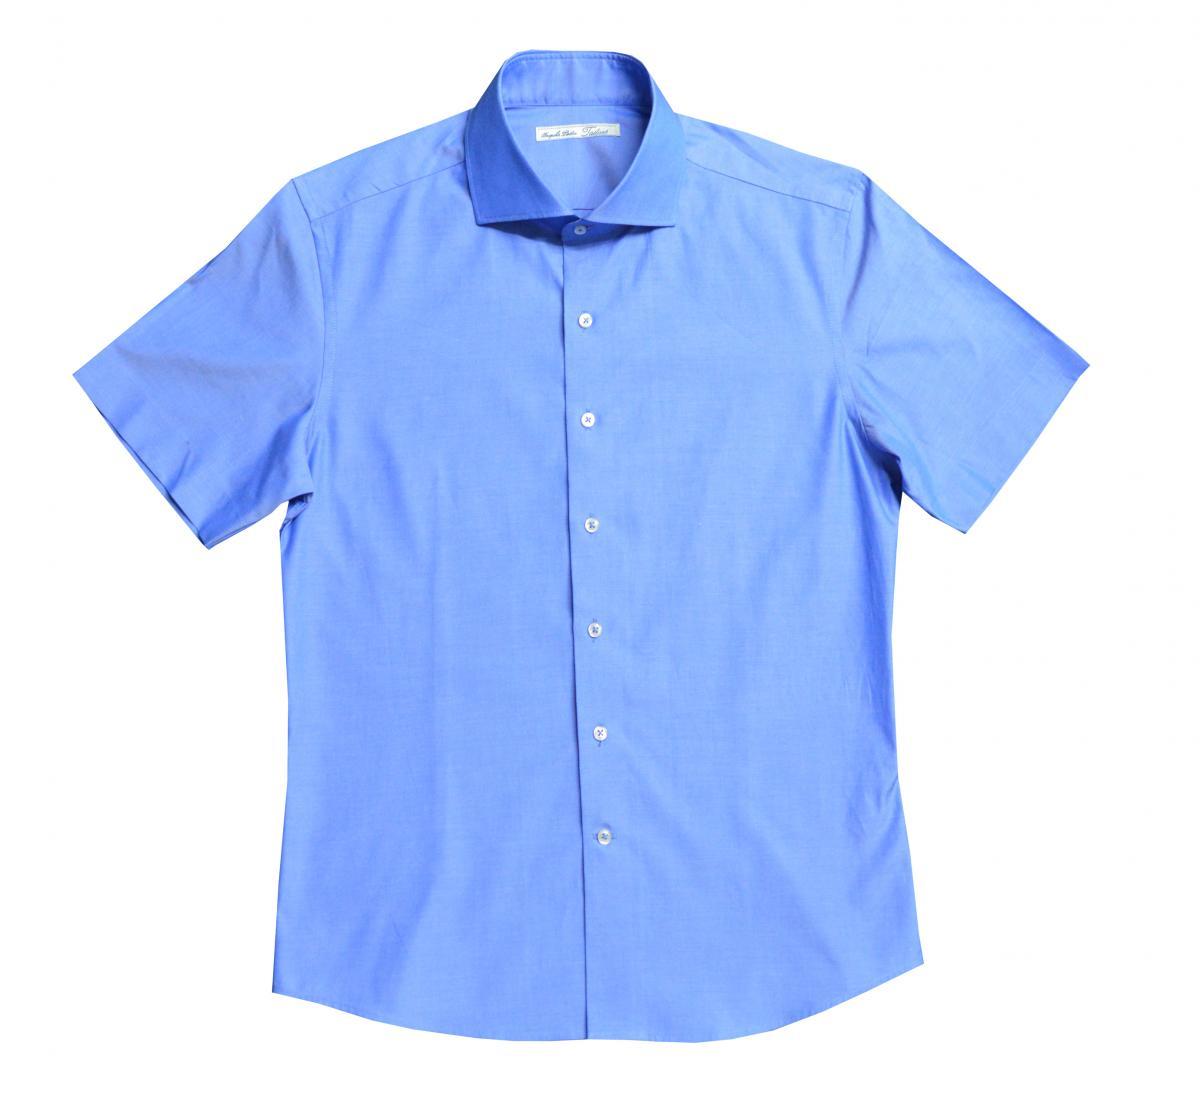 [オーダーシャツ]【新彊綿100%】しなやかな風合いを持つ高級生地